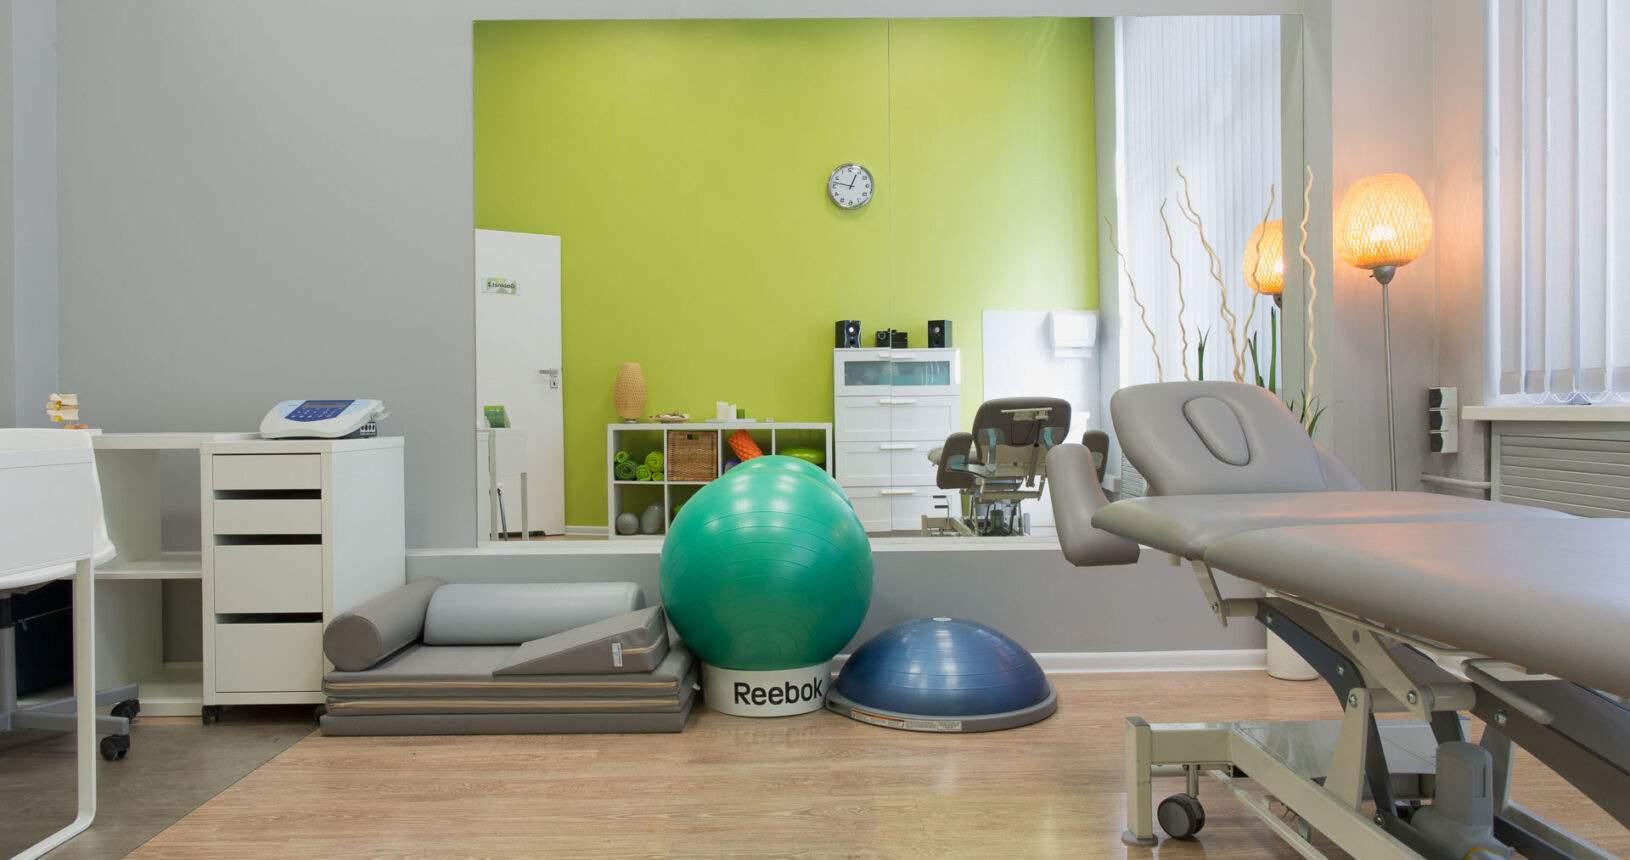 Stól rehabilitacyjny i kształtki w centrum rehabilitacji i masażu RehaFit